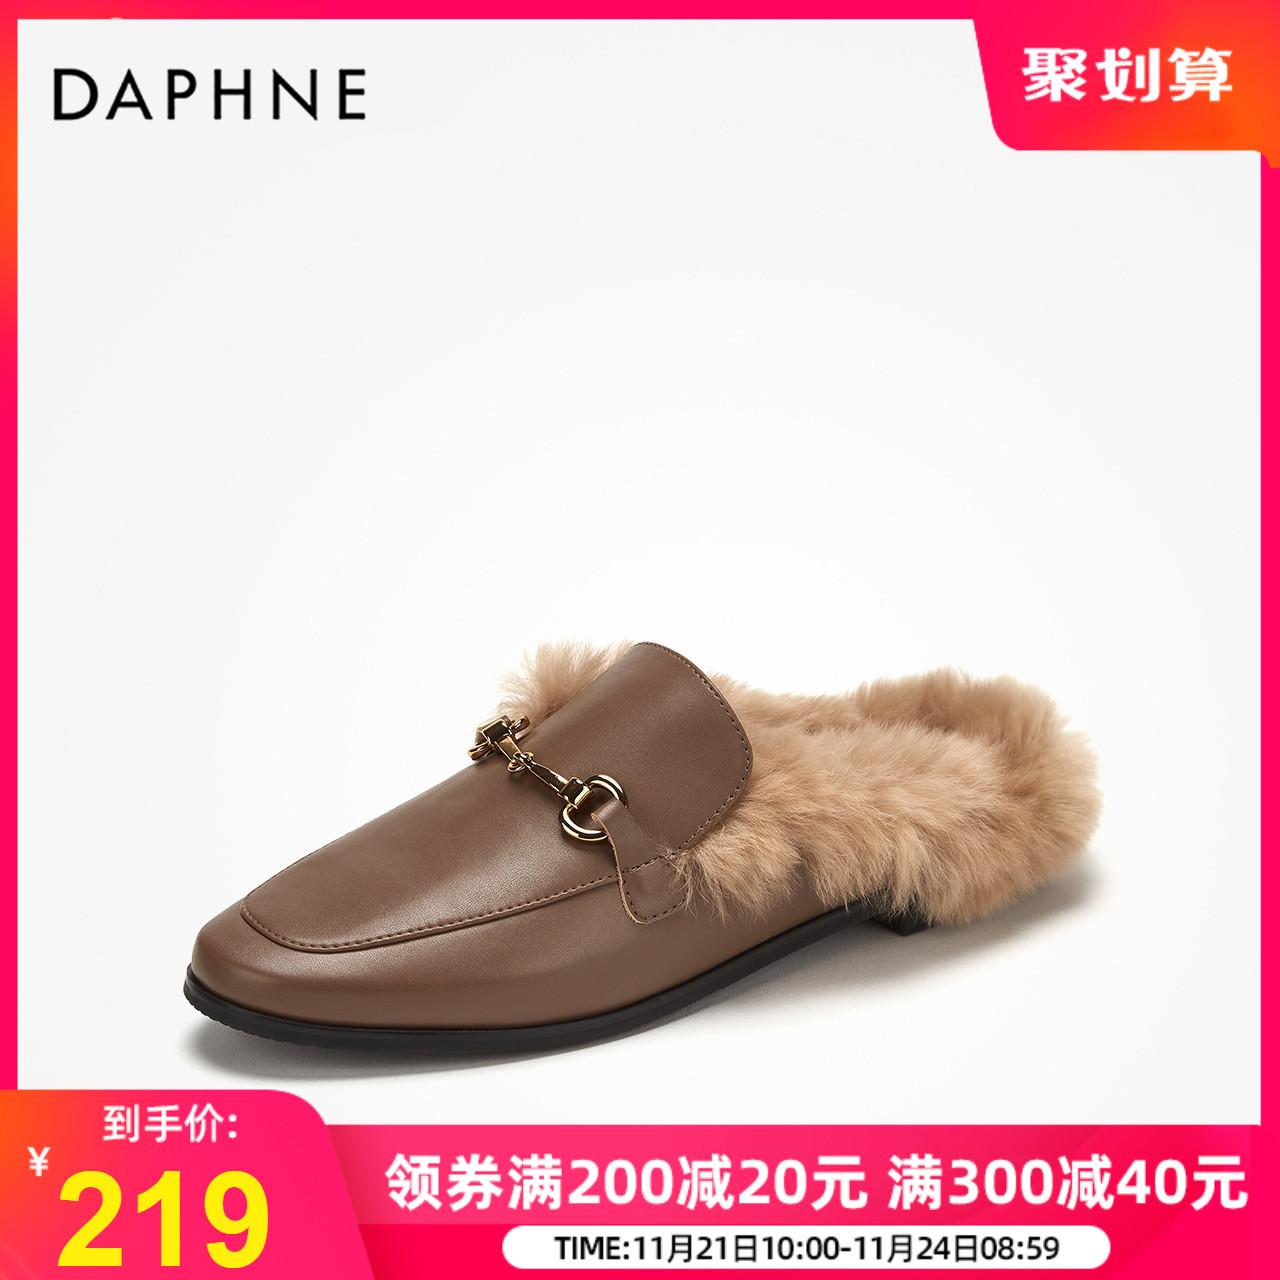 达芙妮兔毛马衔扣时装拖鞋